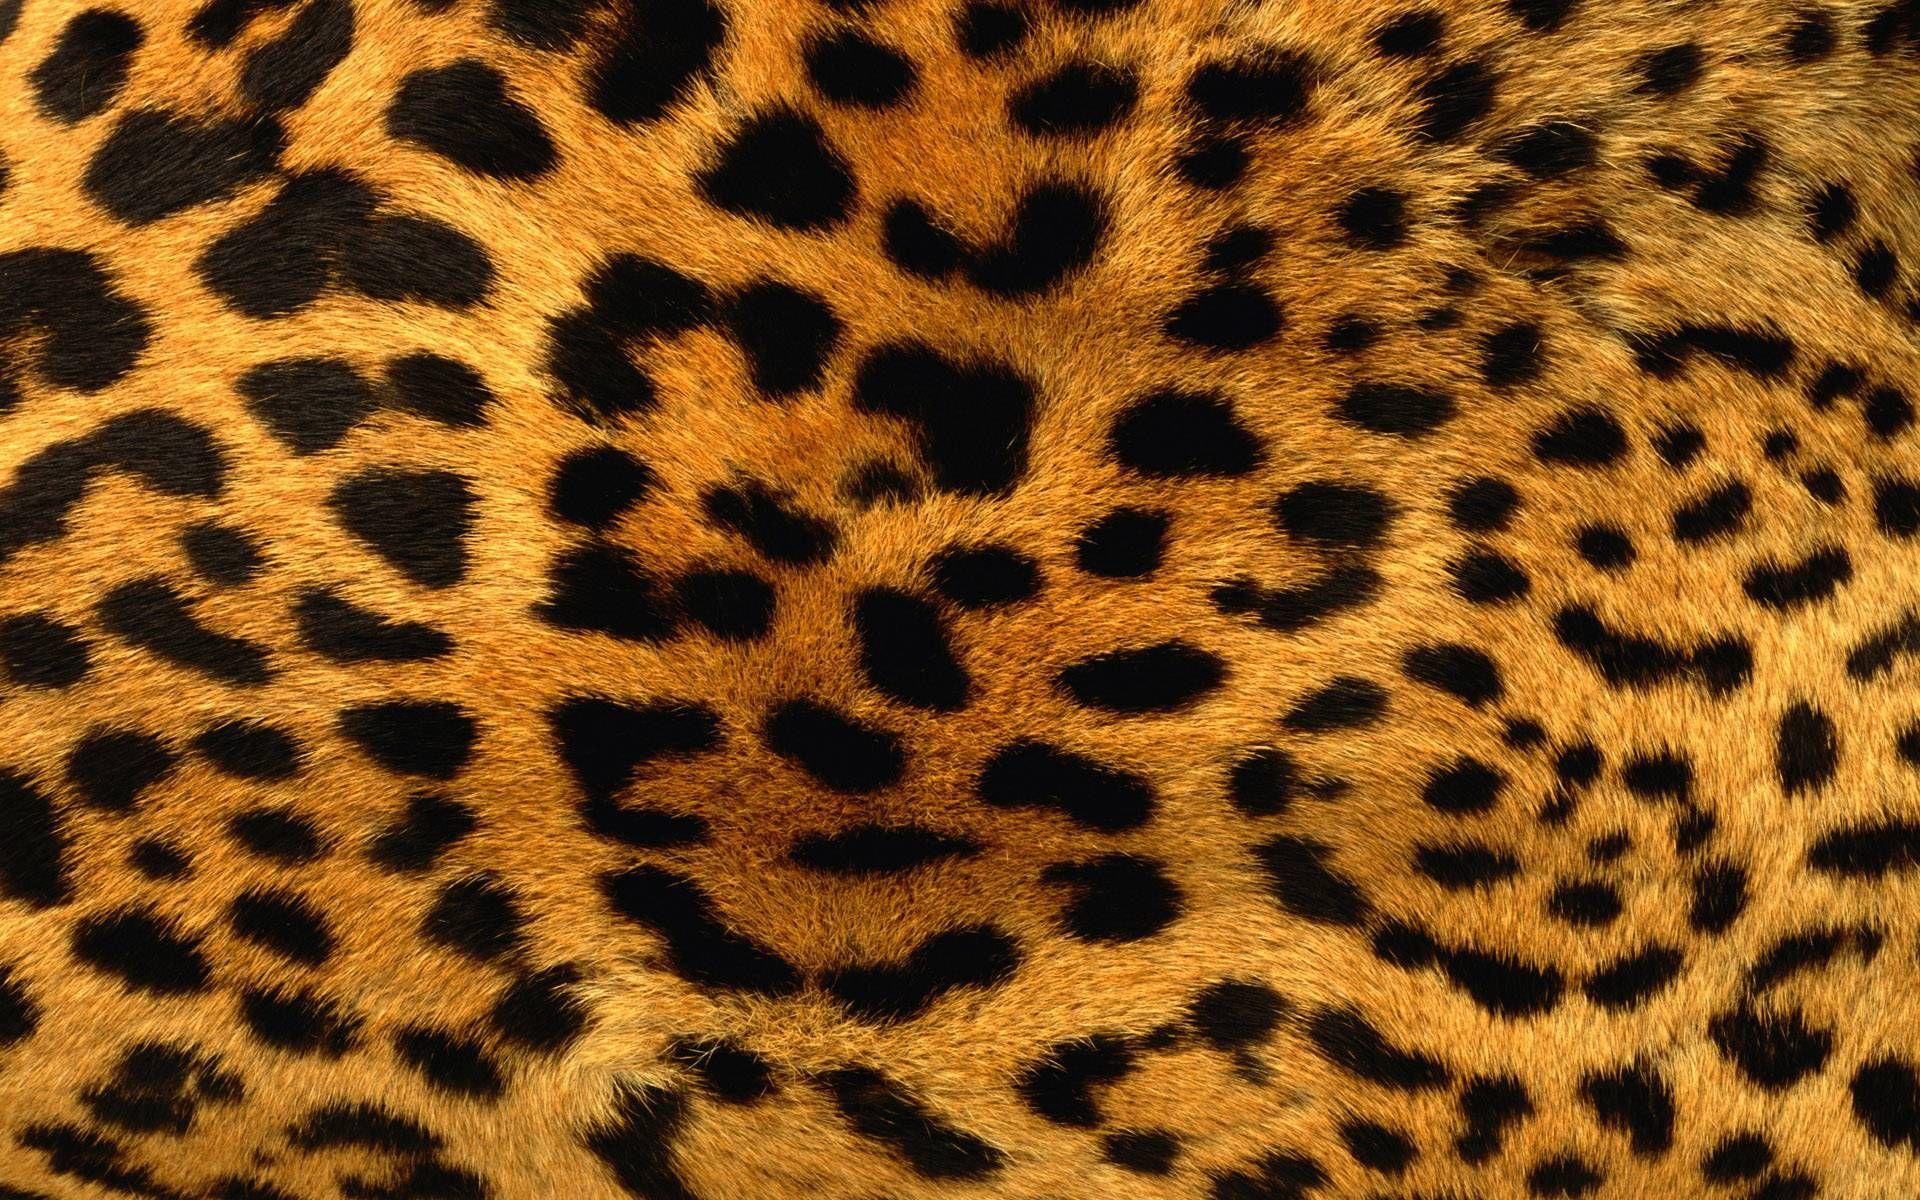 tiger print wallpaper 8 Leopard print wallpaper